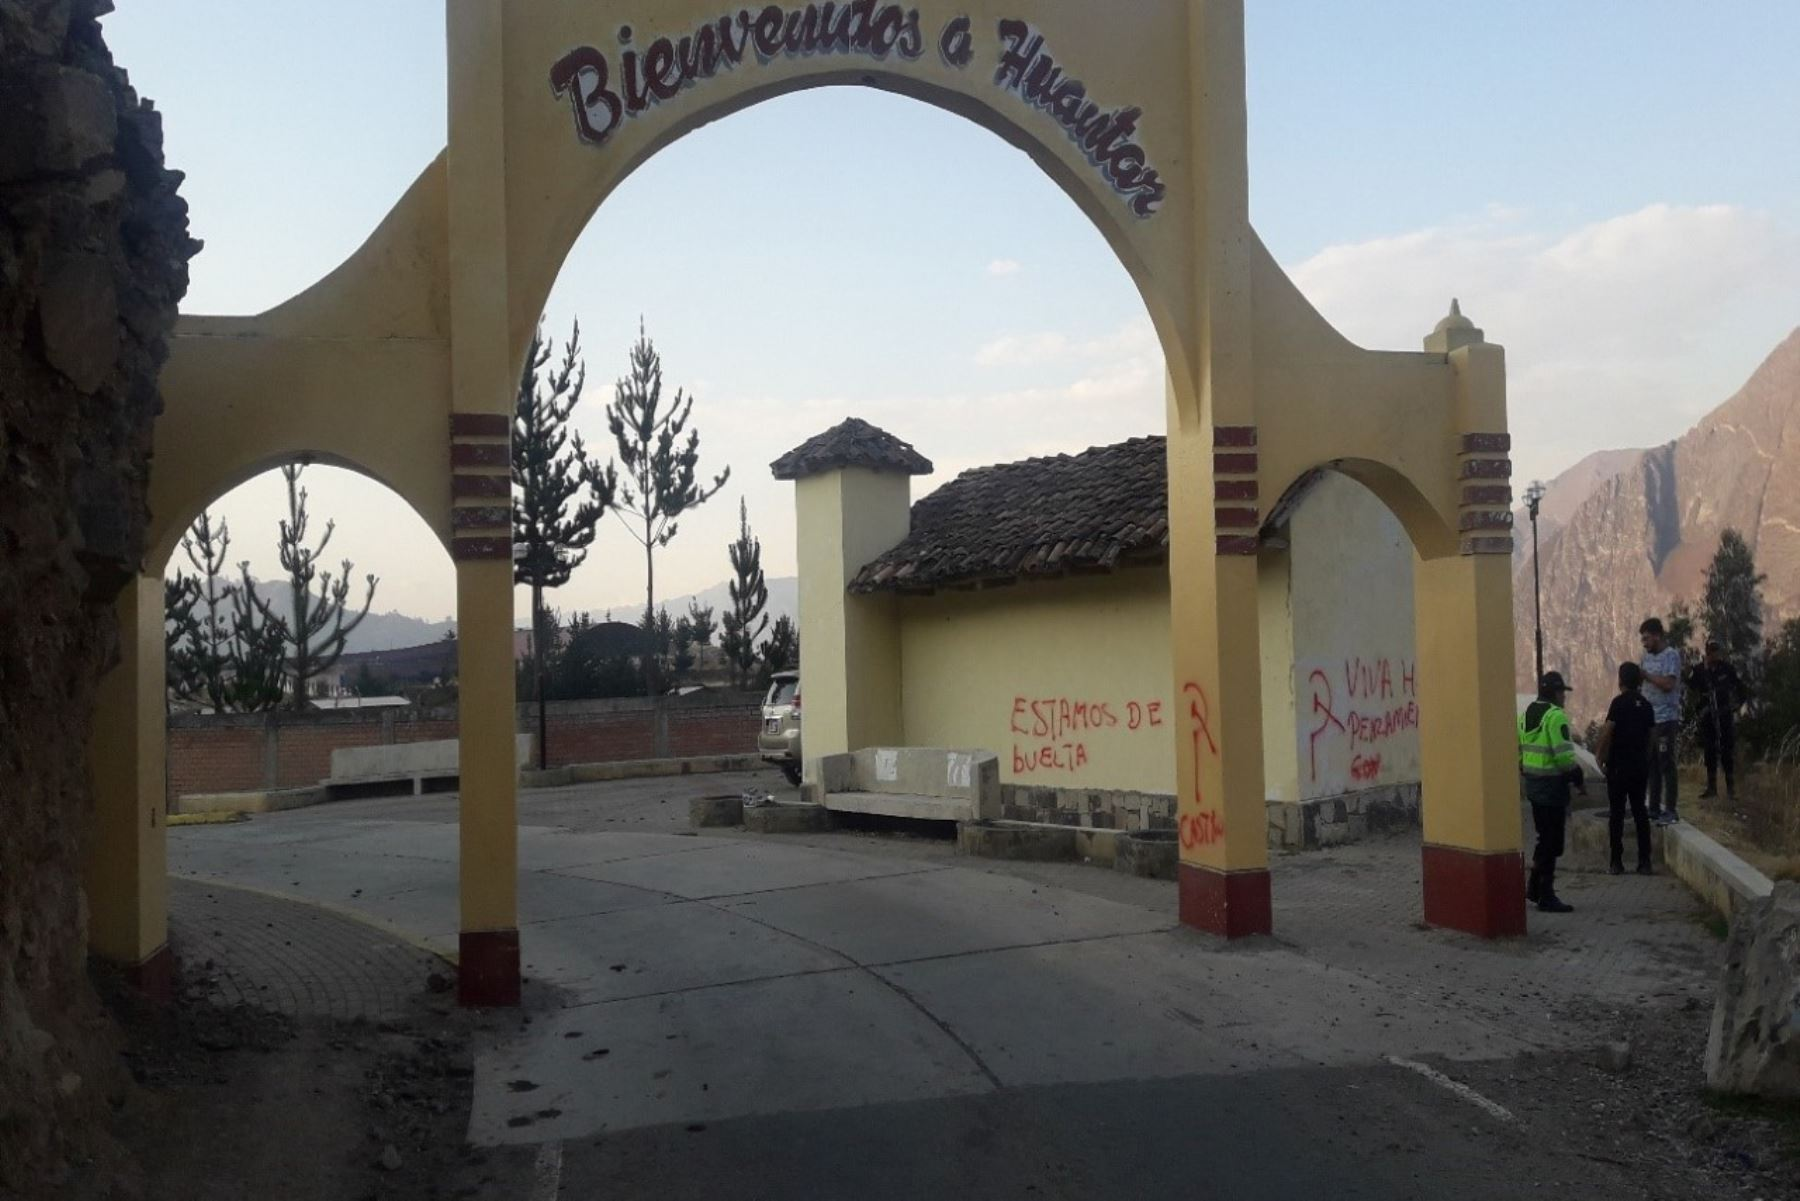 El arco que da la bienvenida al distrito de Huántar (Áncash) aparecieron pintas rojas con mensajes presuntamente subversivos.